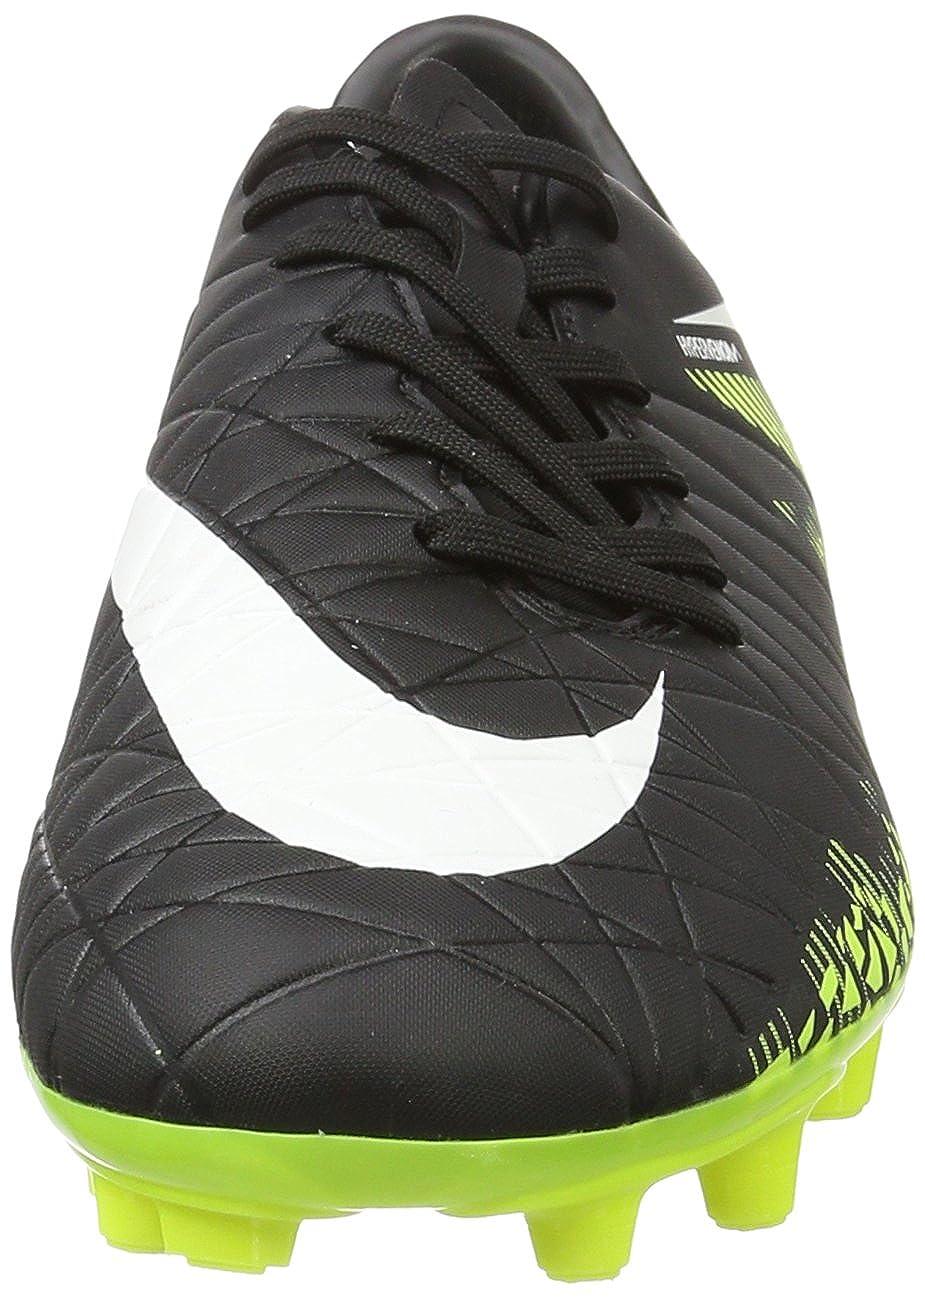 Nike 749896-017 Herren Hypervenom Phelon II (FG) Firm-Ground Firm-Ground Firm-Ground Fußballschuhe 2ccb97